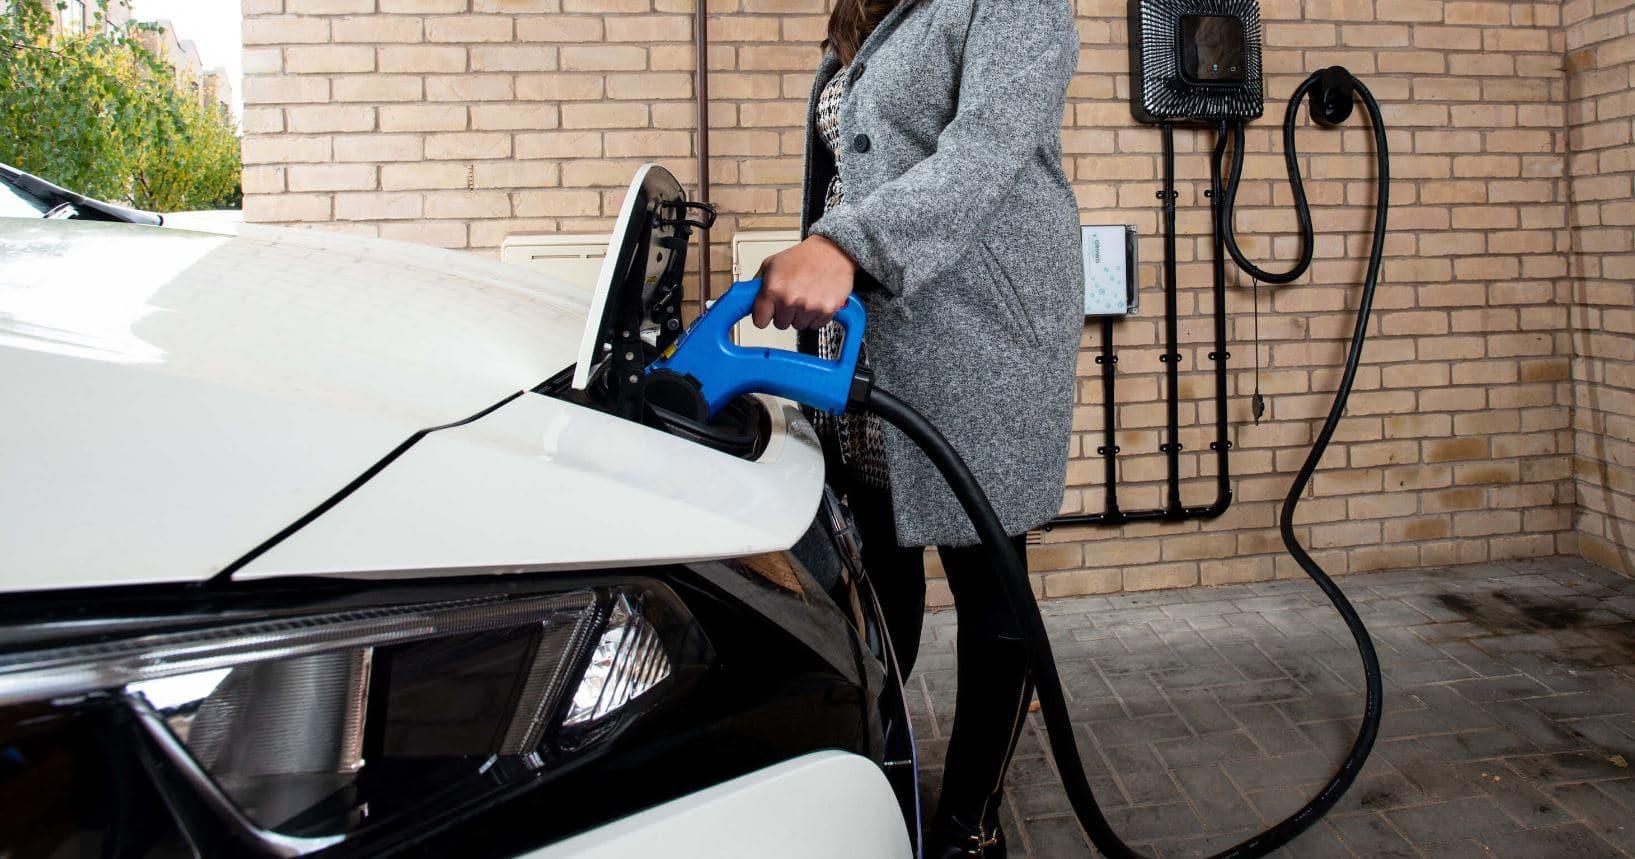 Otro factor más a tener en cuenta sobre el coste de cargar un coche eléctrico